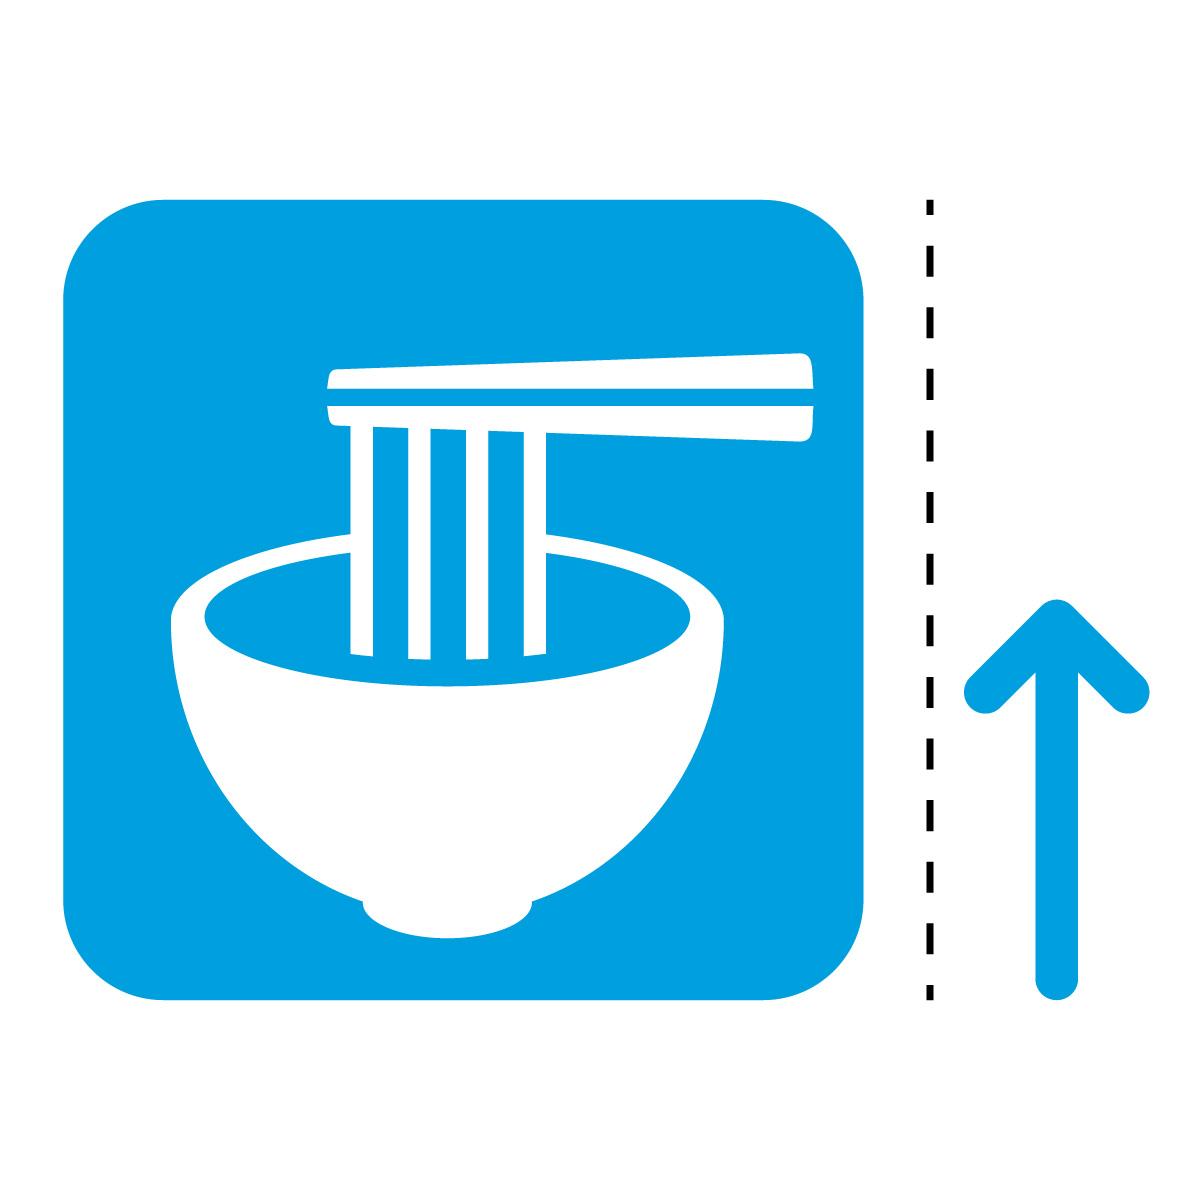 青色のラーメン・食事処案内マーク(矢印付き)のカッティングステッカー・シール